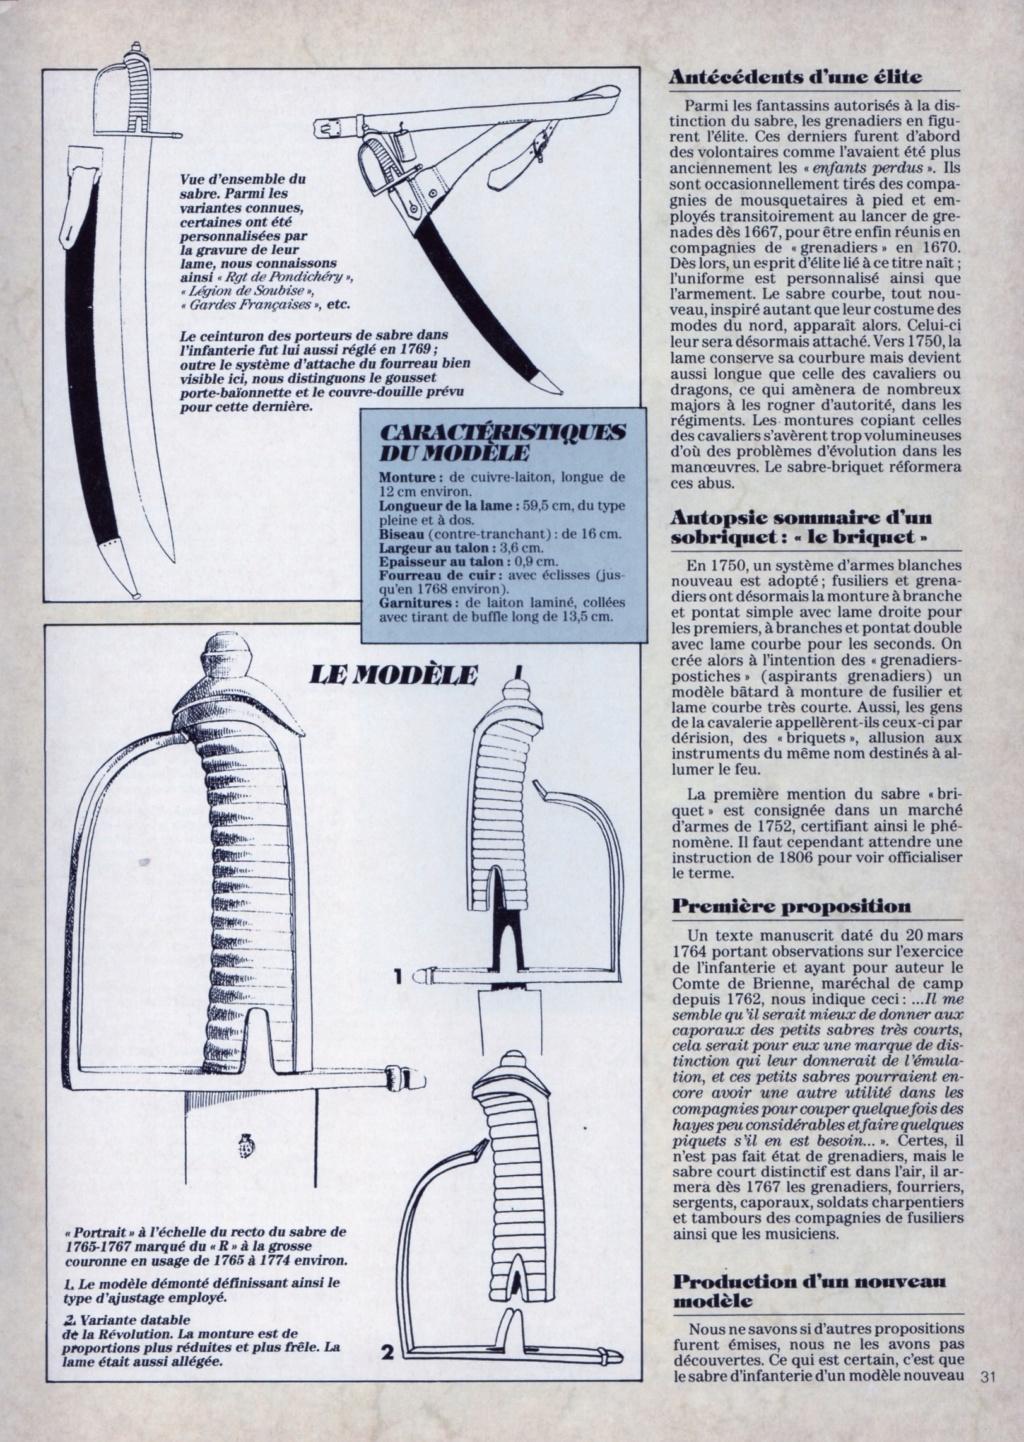 Les sabres briquets 1ère partie : les modèles 1767 et 1790 F8da4710